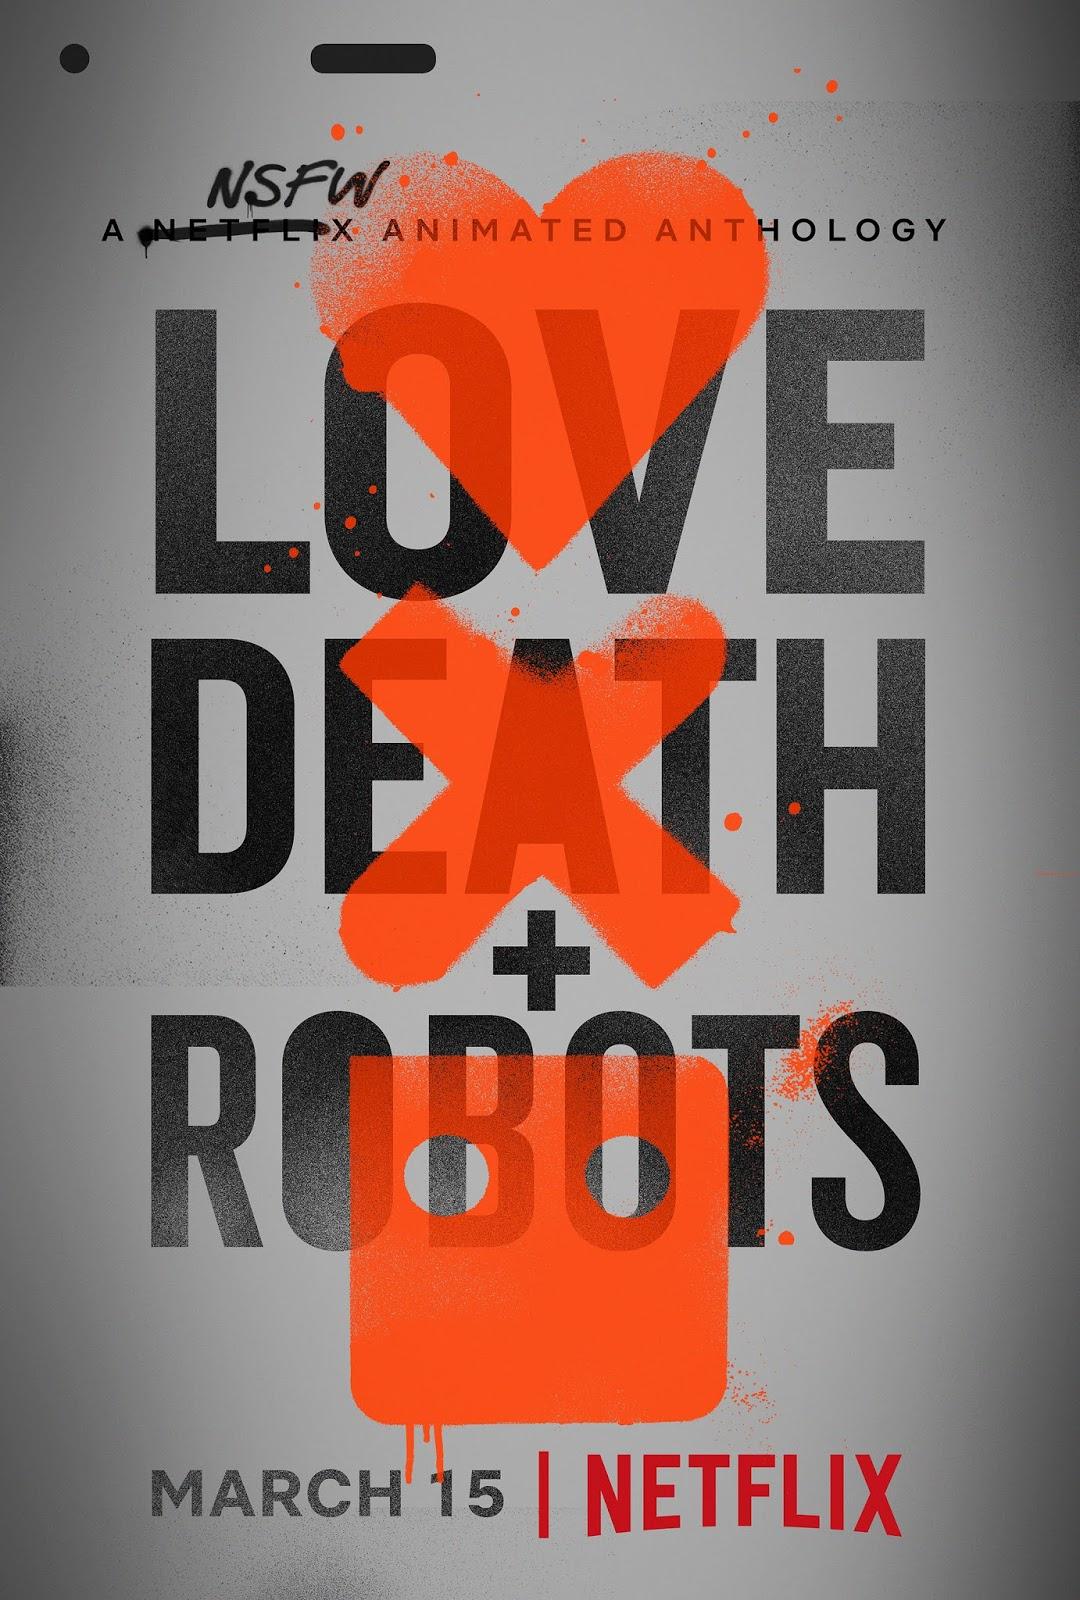 miłość śmierć i roboty serial netflix recenzja bagiński platine image